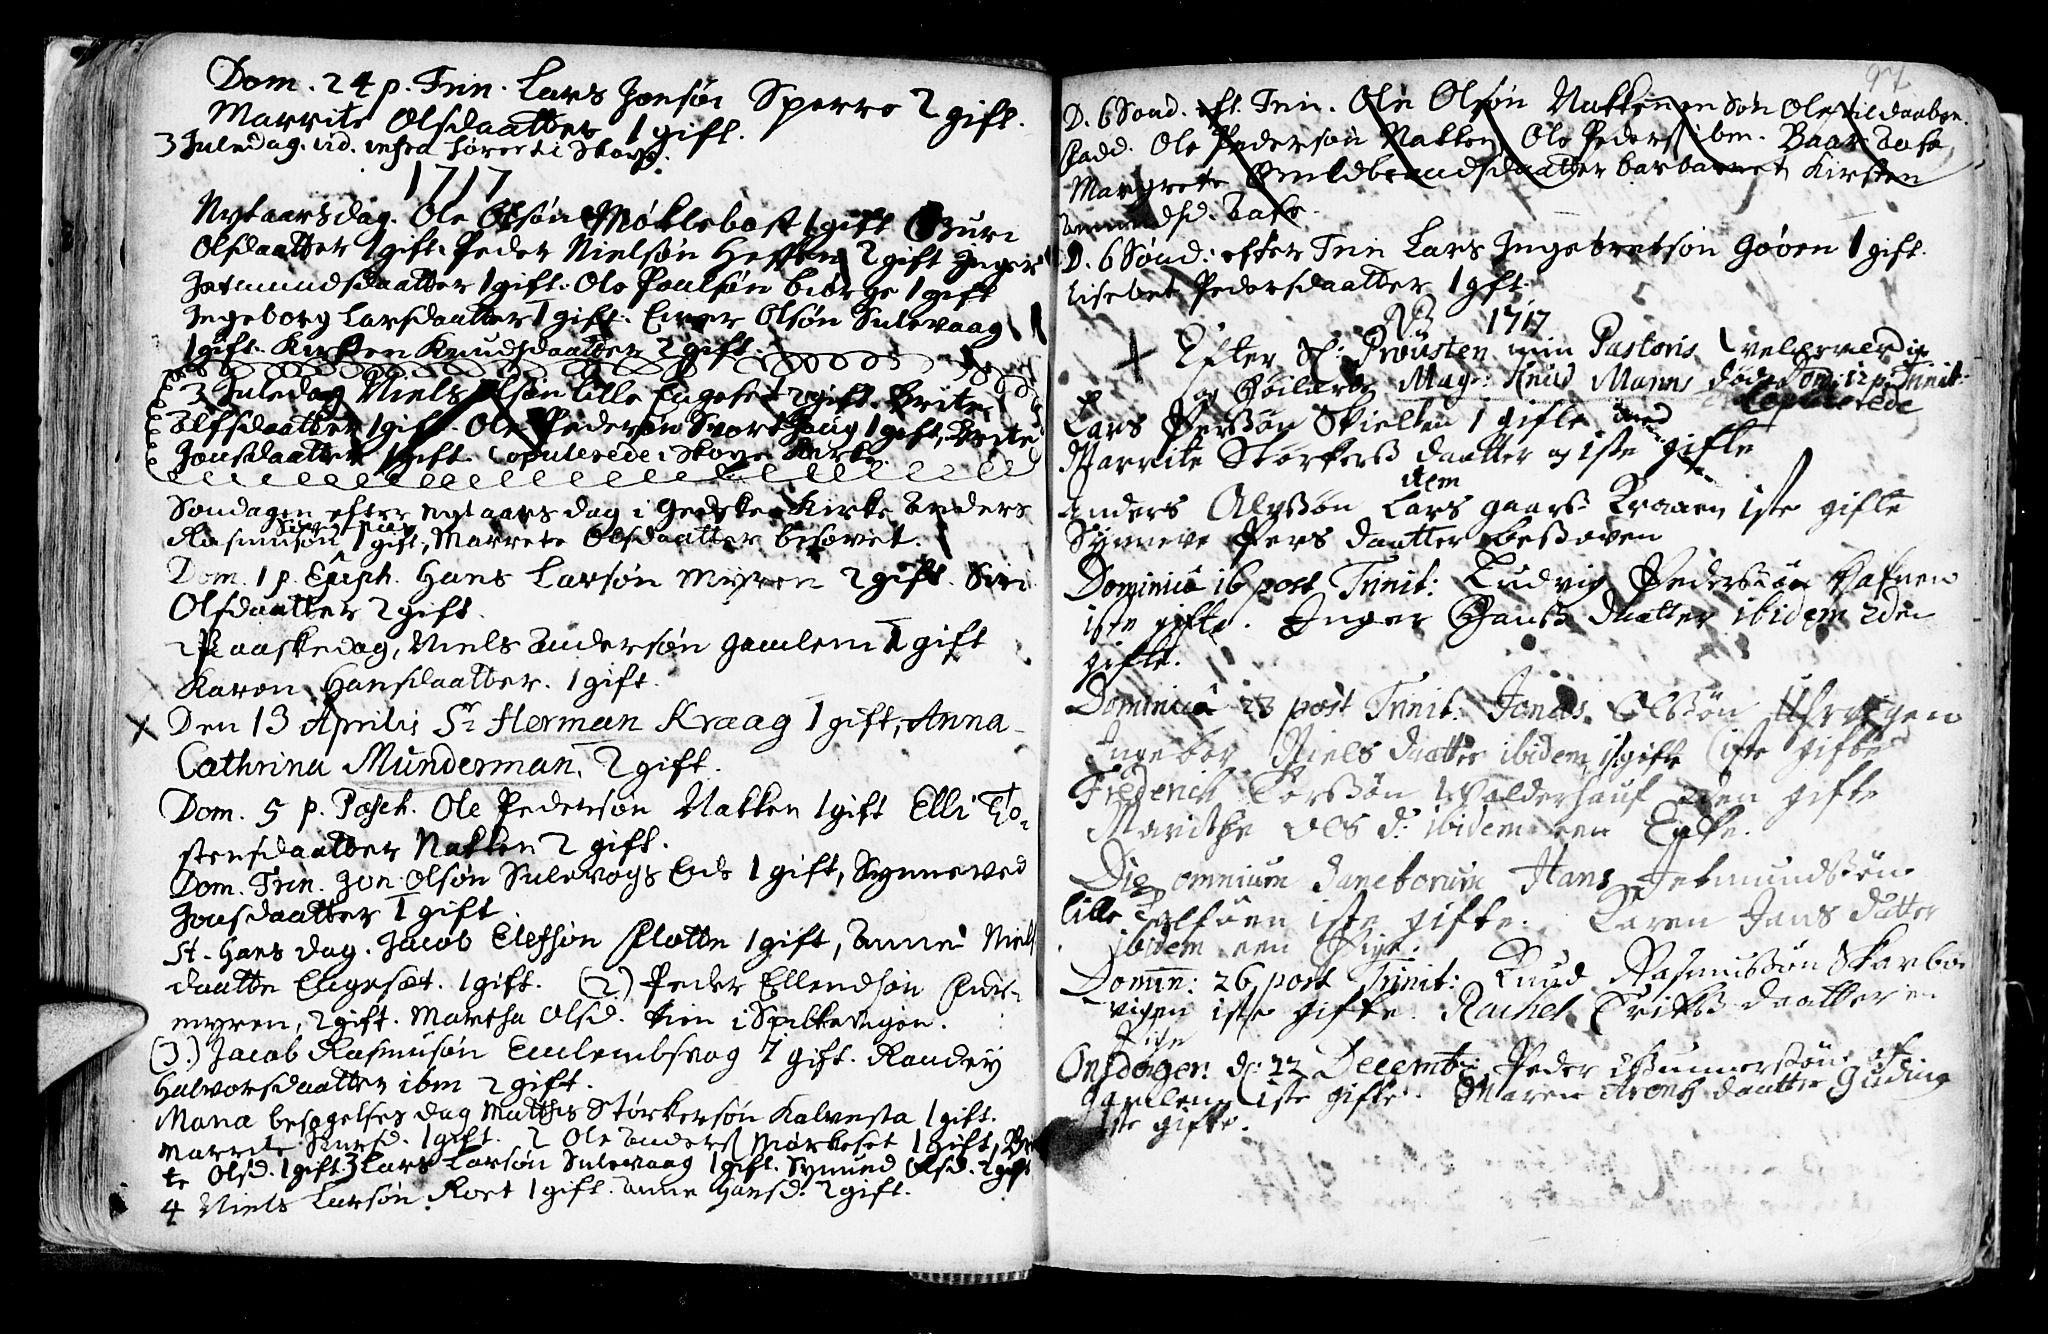 SAT, Ministerialprotokoller, klokkerbøker og fødselsregistre - Møre og Romsdal, 528/L0390: Ministerialbok nr. 528A01, 1698-1739, s. 96-97